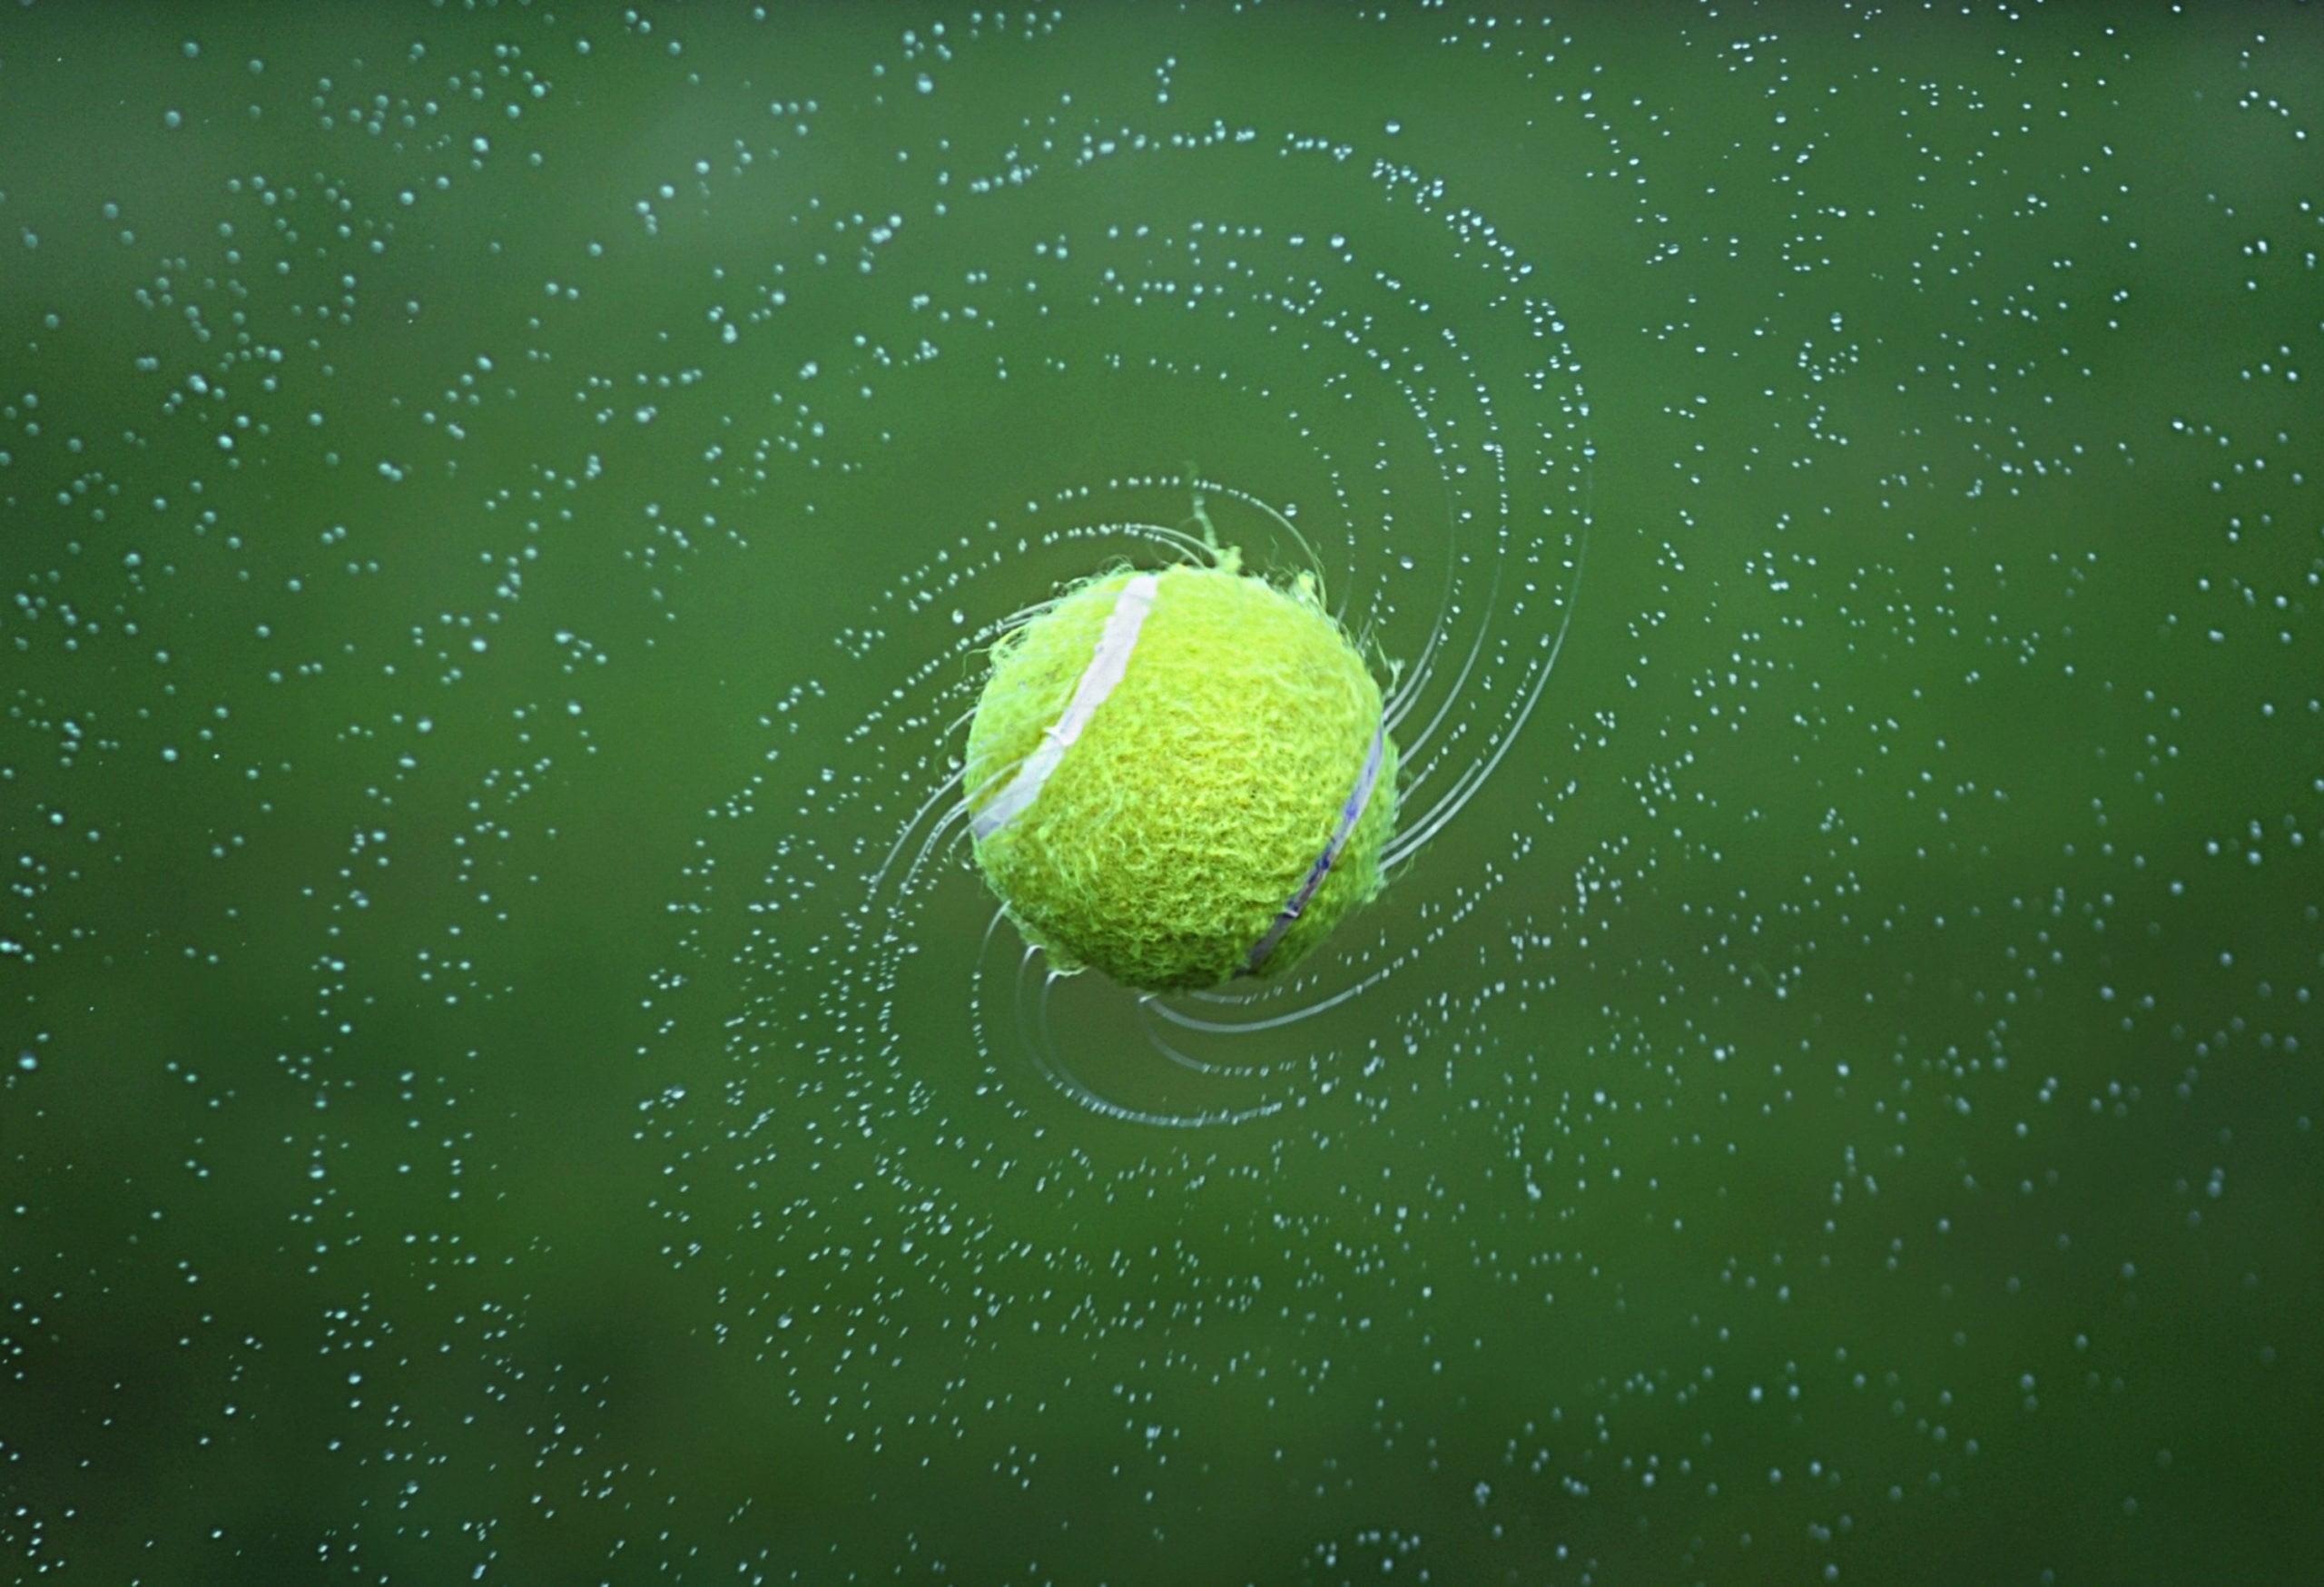 Piłeczka tenisowa pod wpływem uderzenia rusza z miejsca i zmierza w określonym celu, zostawiając ślady.